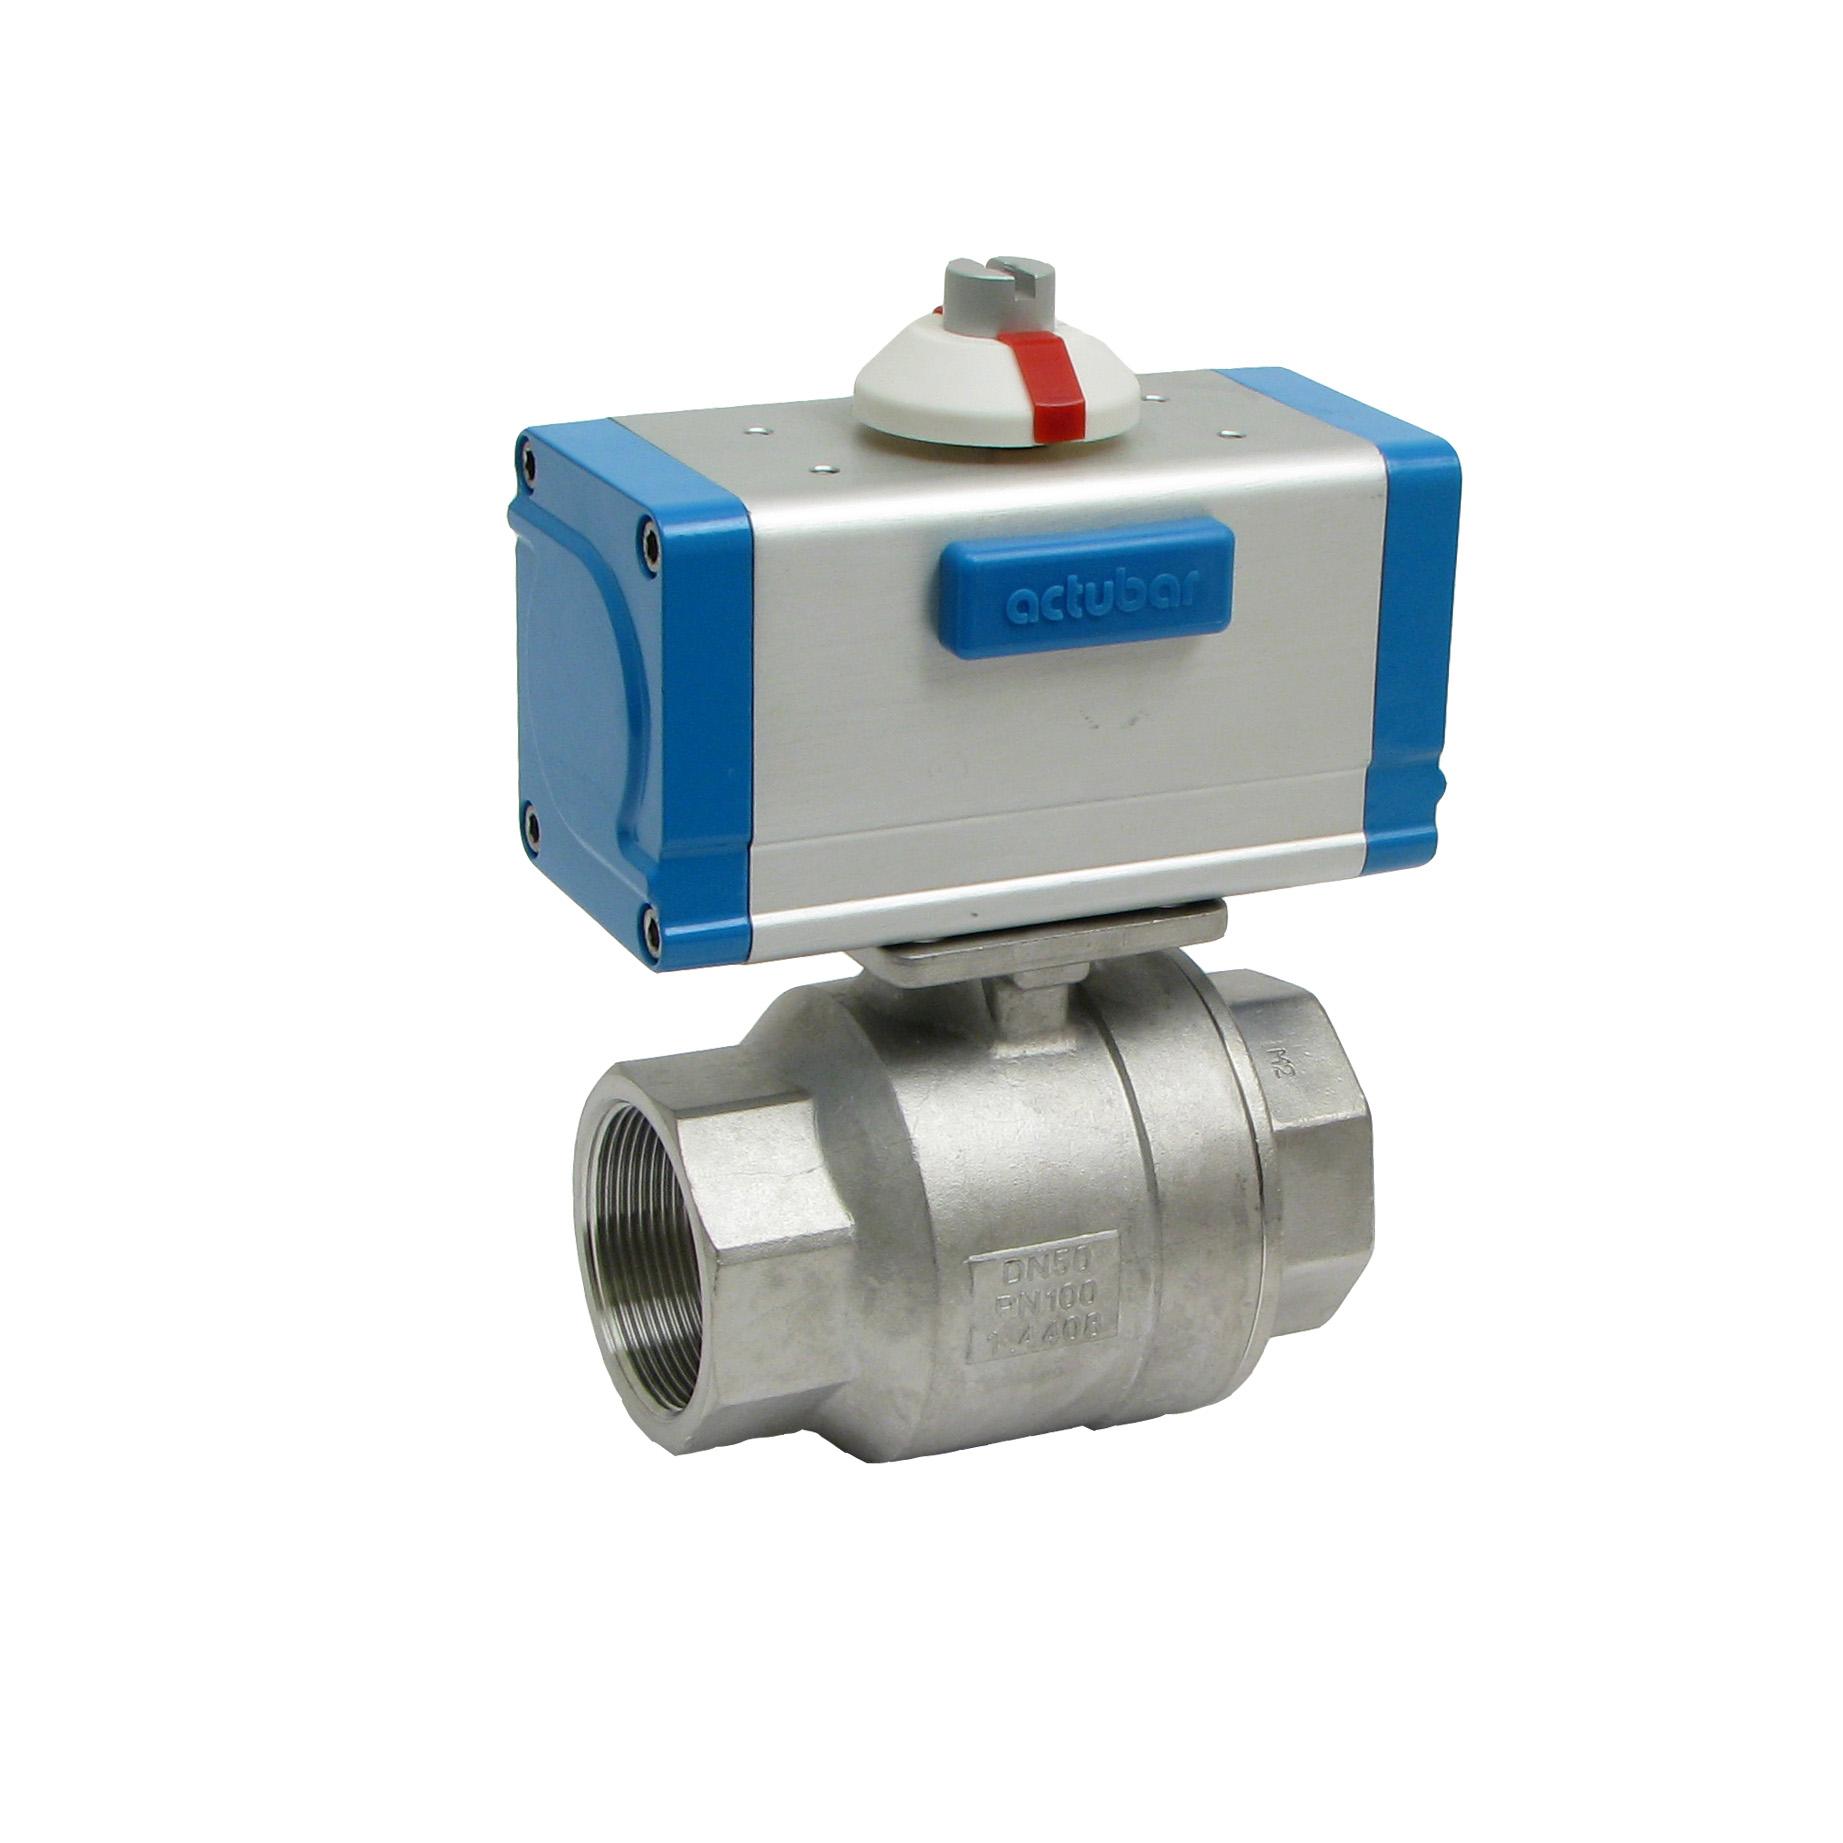 Ball valve Actuator | AL Mahir Machinery